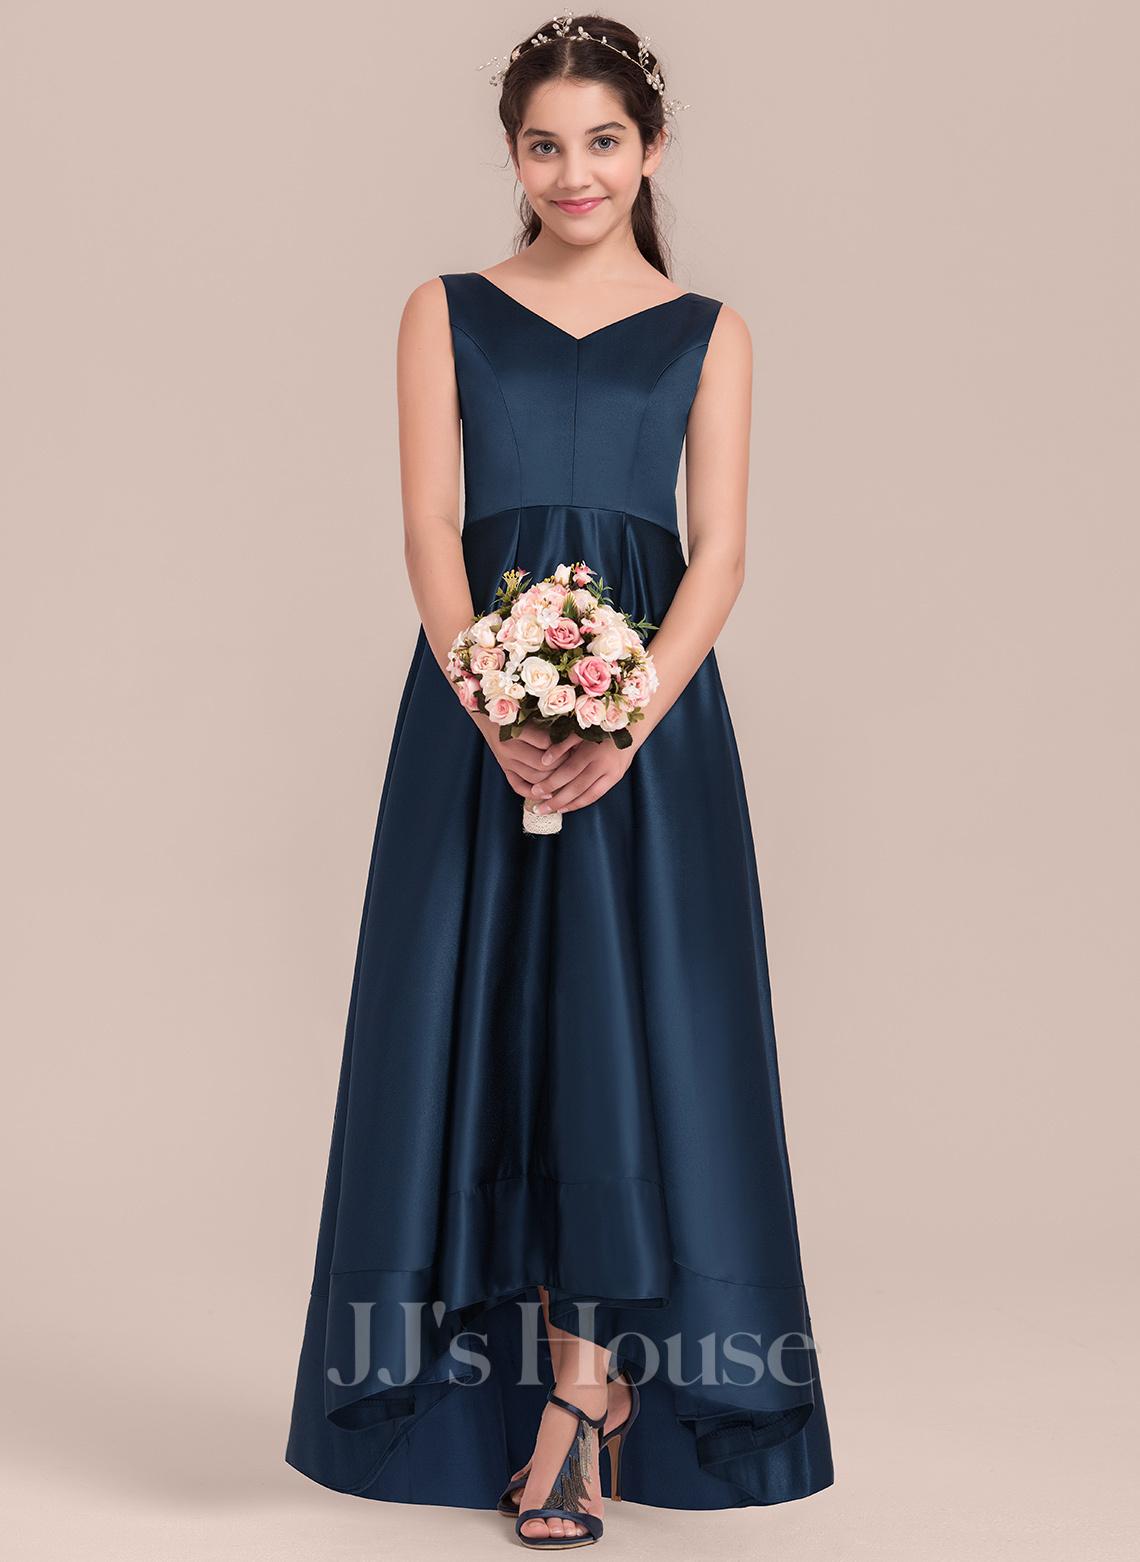 A-Line V-neck Asymmetrical Satin Junior Bridesmaid Dress